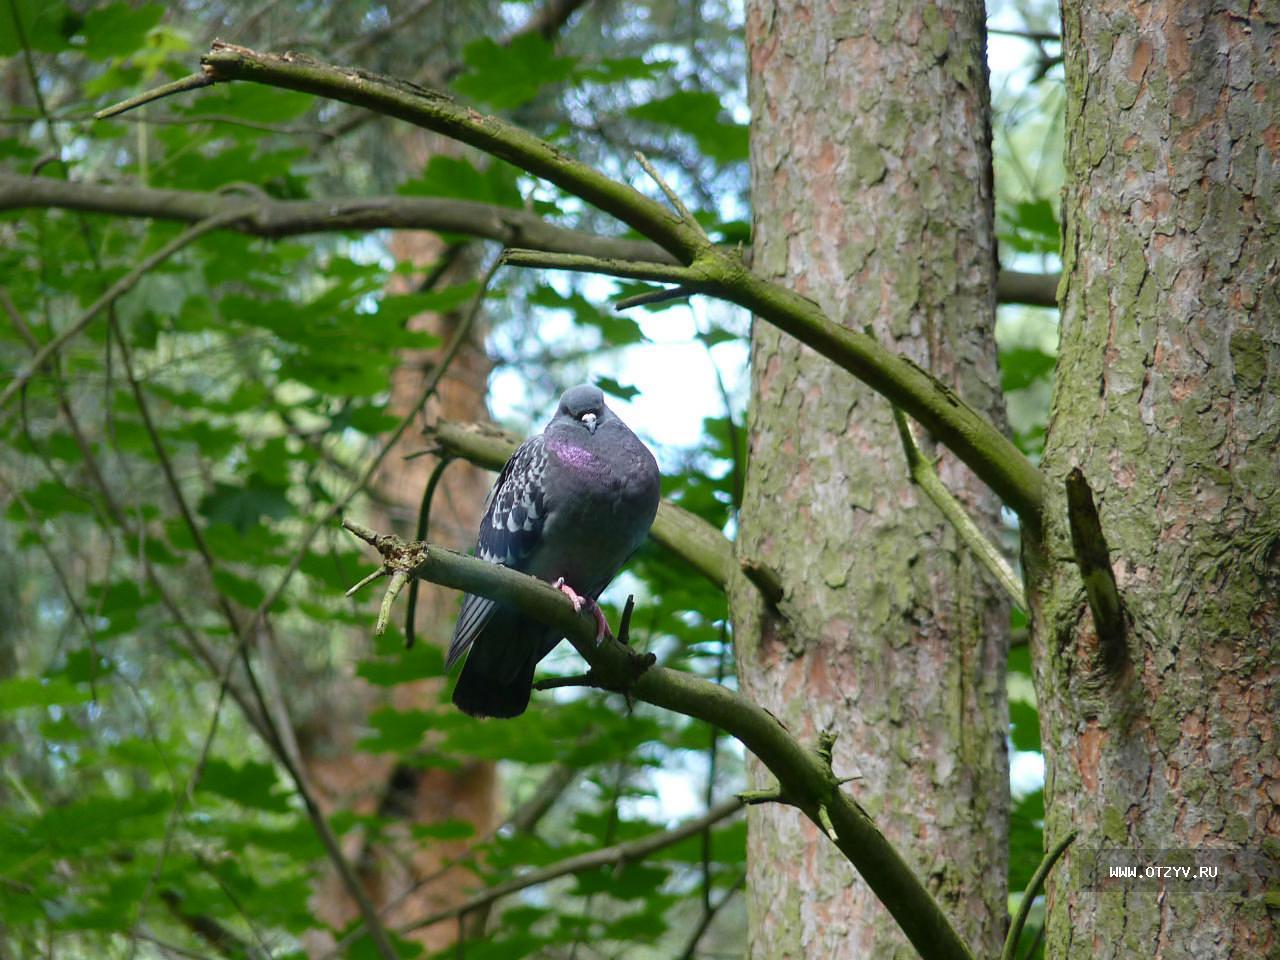 лесные птицы фото с описанием ломоносовский район требующие дополнительной отделки